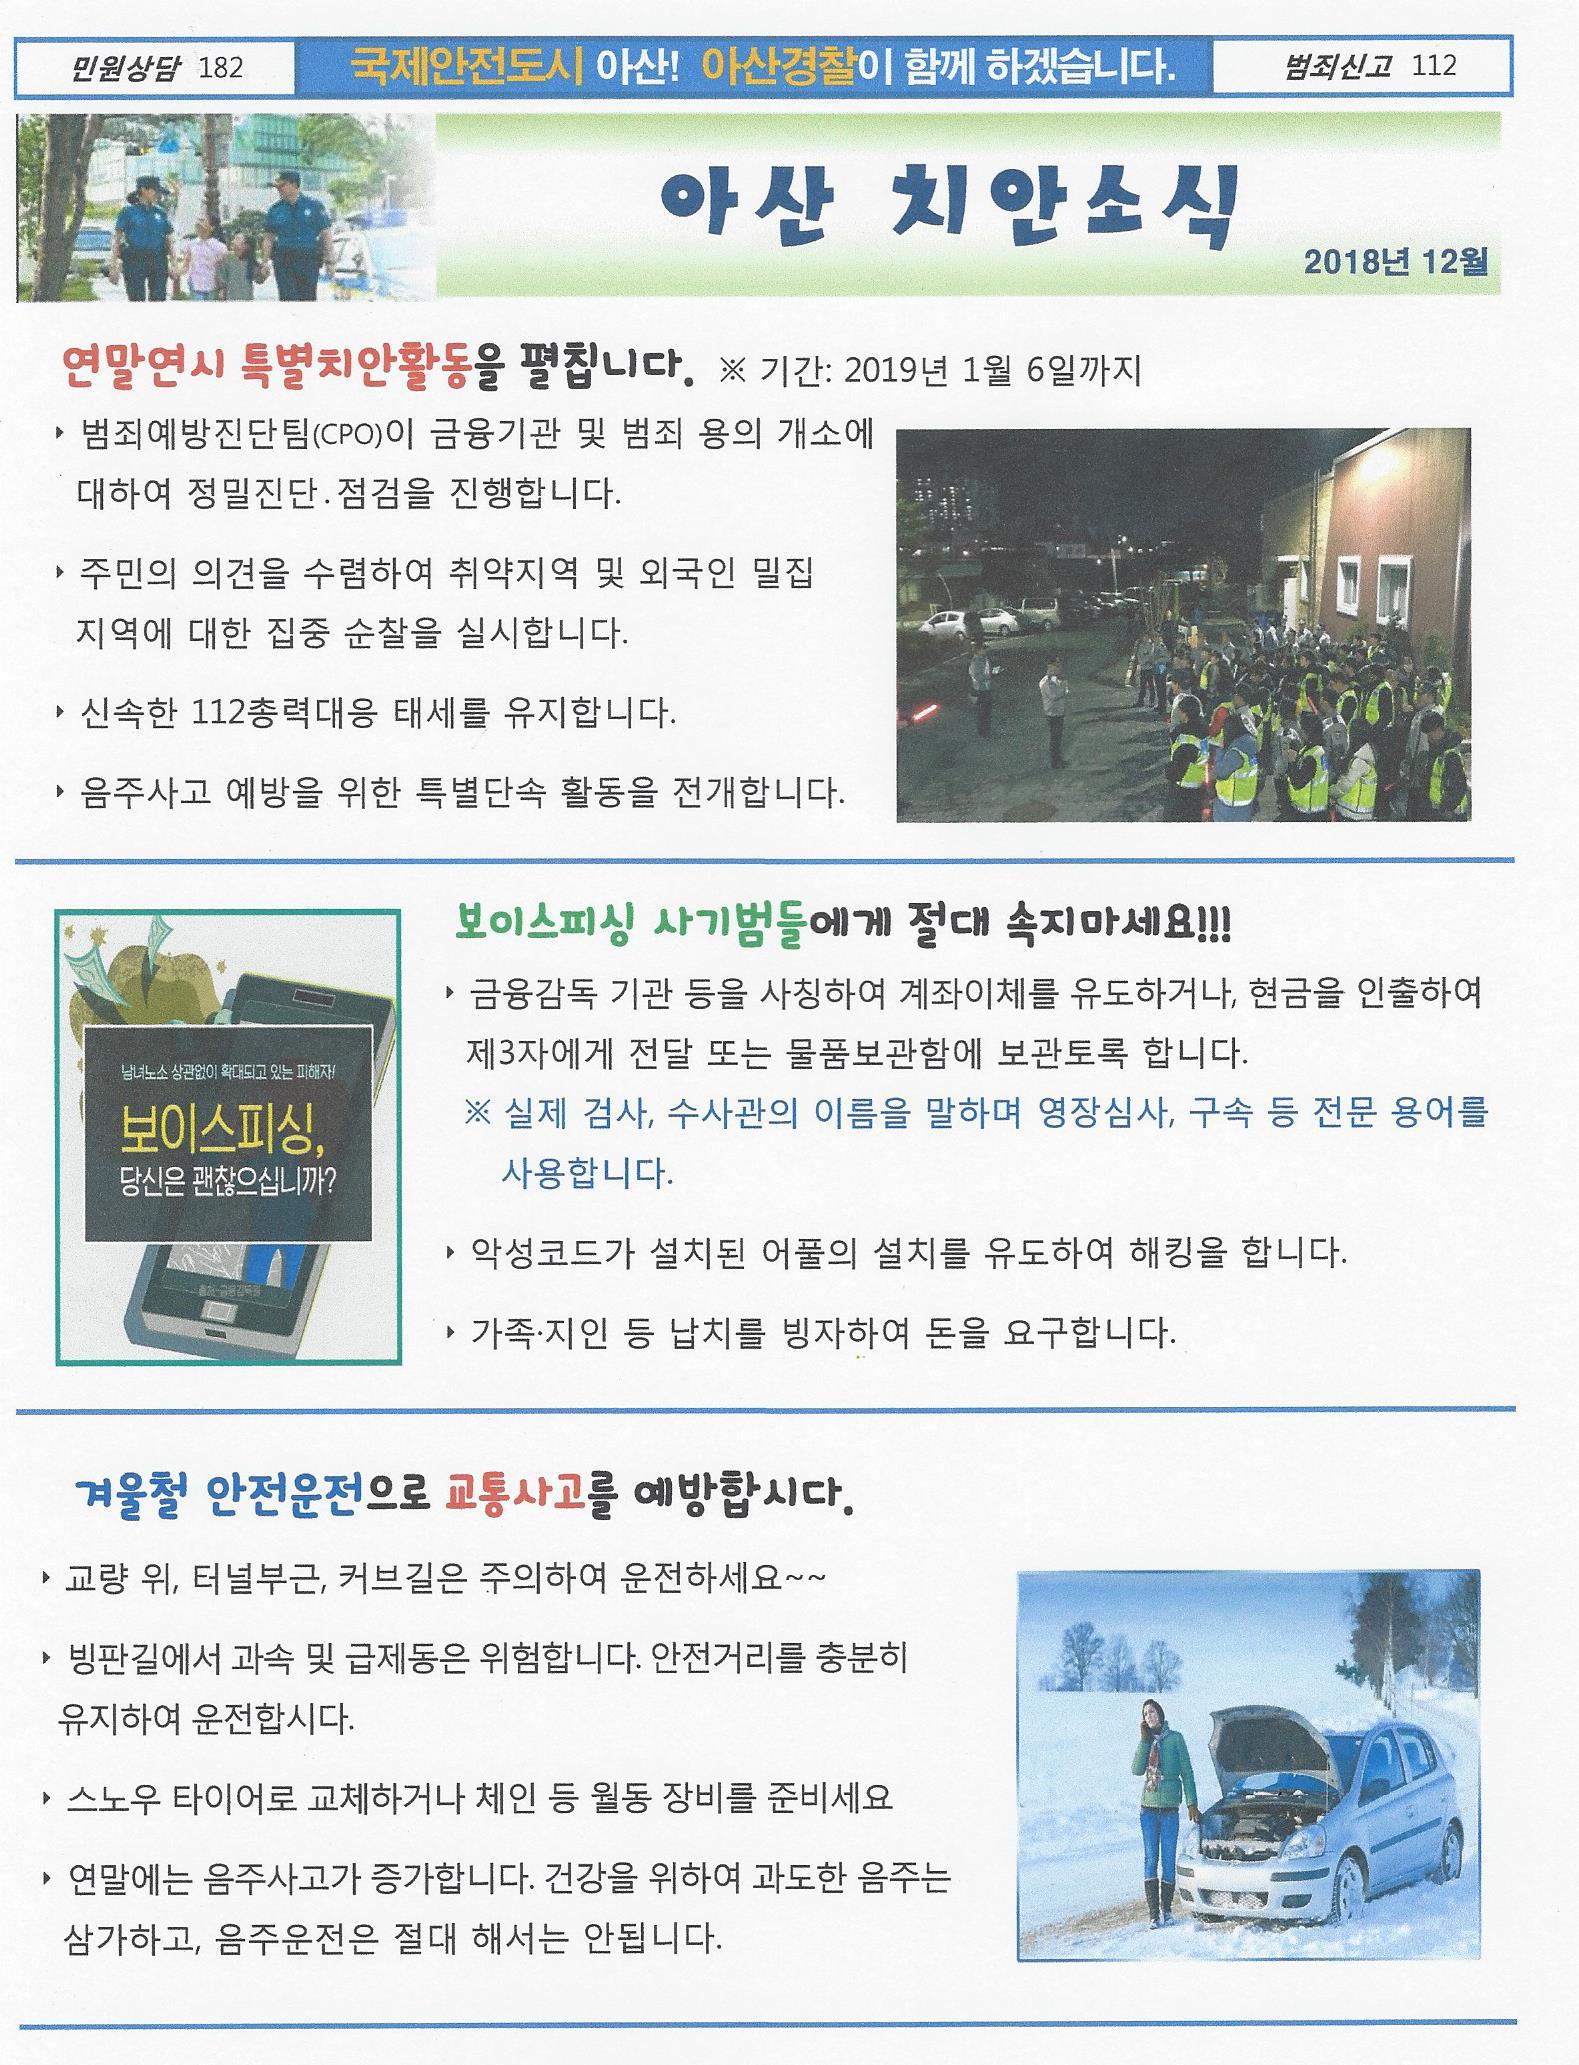 아산경찰서 치안소식지 12월 호